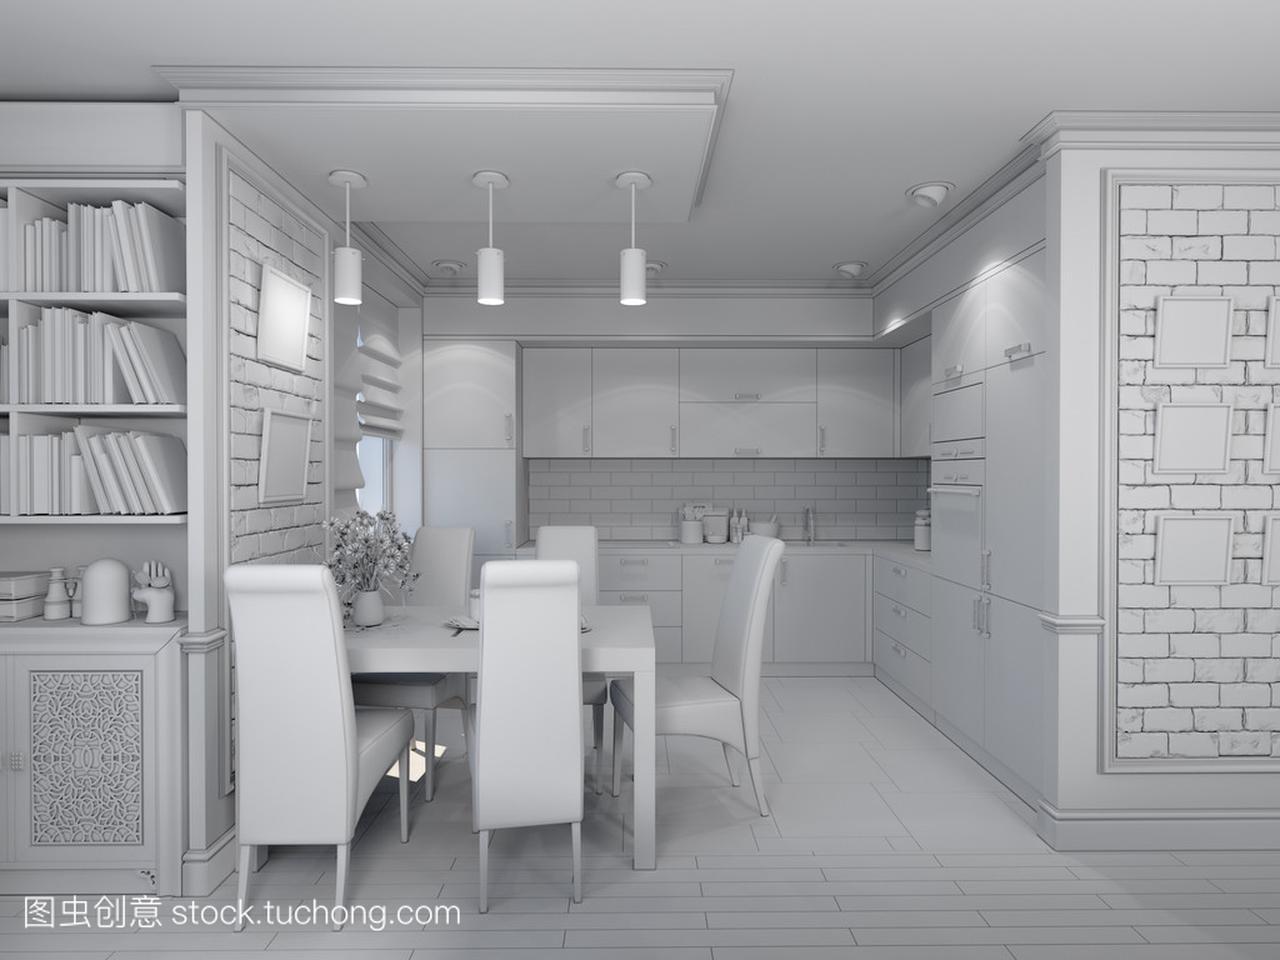 客厅与经典室内设计的手机,现代线图的3d风格绘制厨房工具栏图片